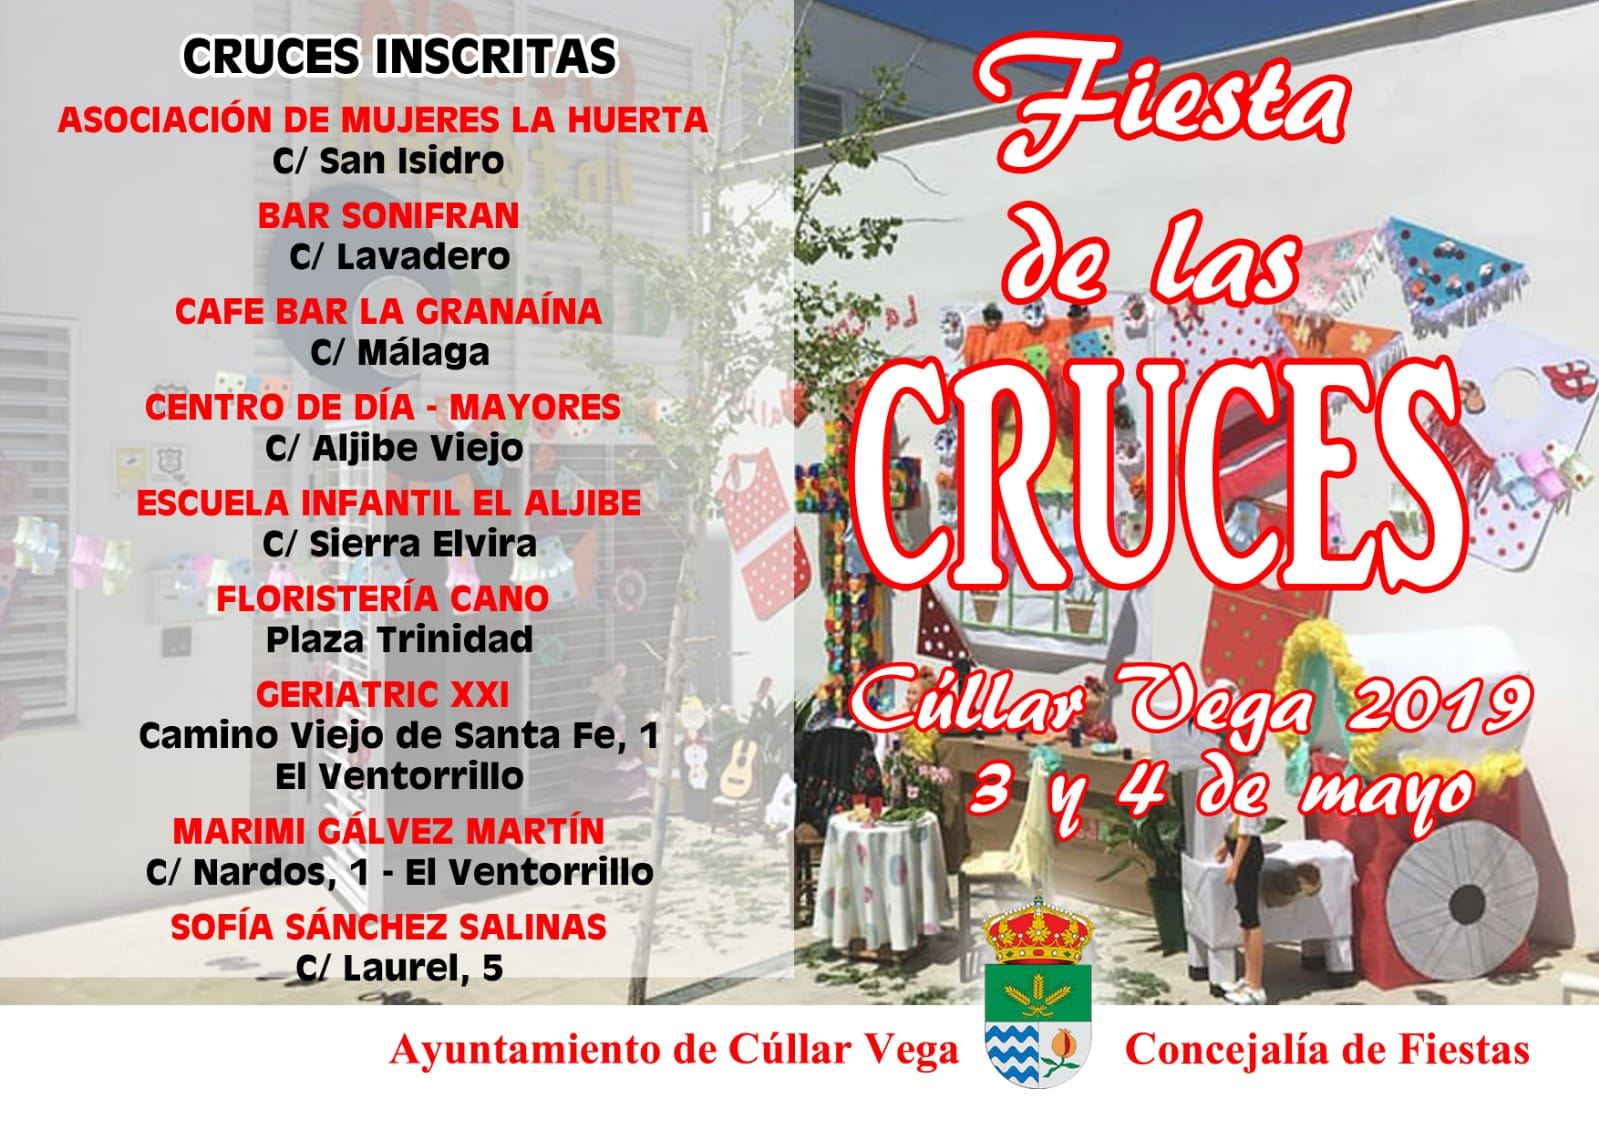 Emplazamiento Cruces de Mayo 2019